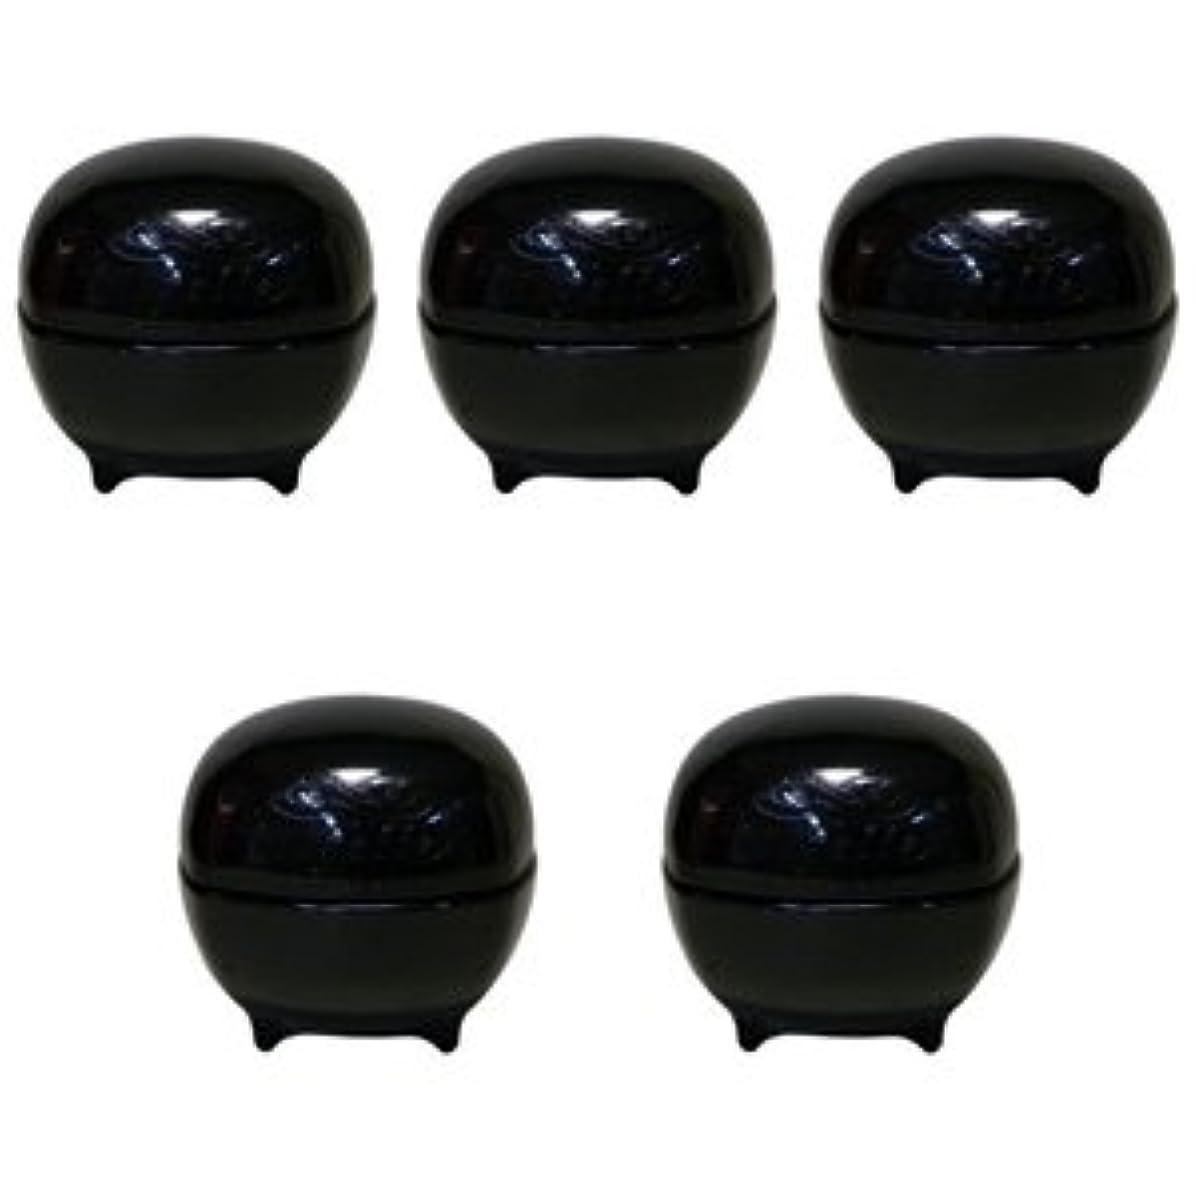 炭水化物騙す柔らかさ【X5個セット】 ミルボン ニゼル グラスプワックス 80g (ニゼルドレシアコレクション) GRASP WAX MILBON